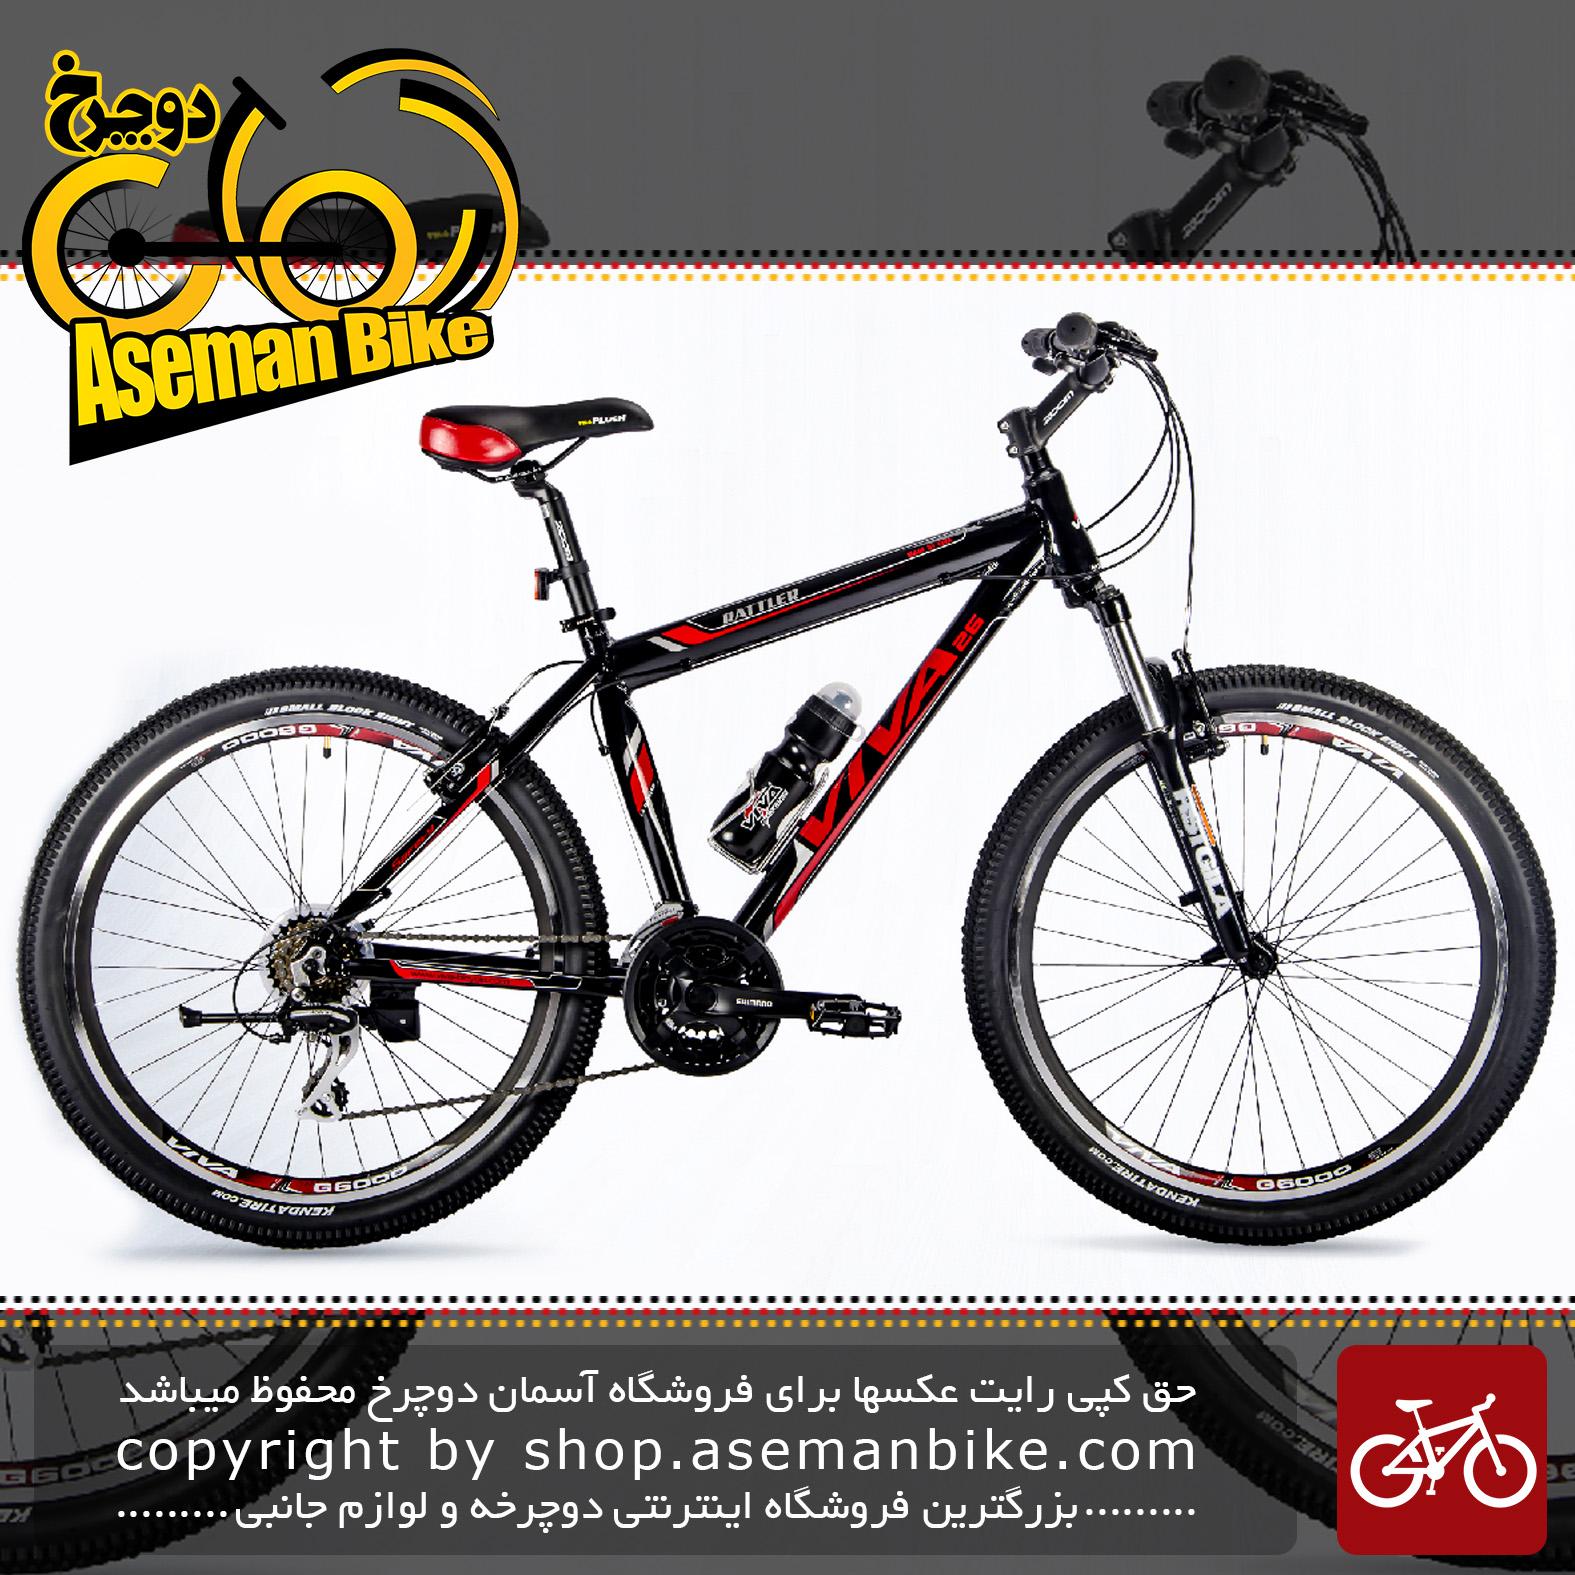 نمایندگی دوچرخه کوهستان شهری ویوا مدل رتلر سایز 26 Viva Mountain Bicycle Ratller LX 18 26 2018